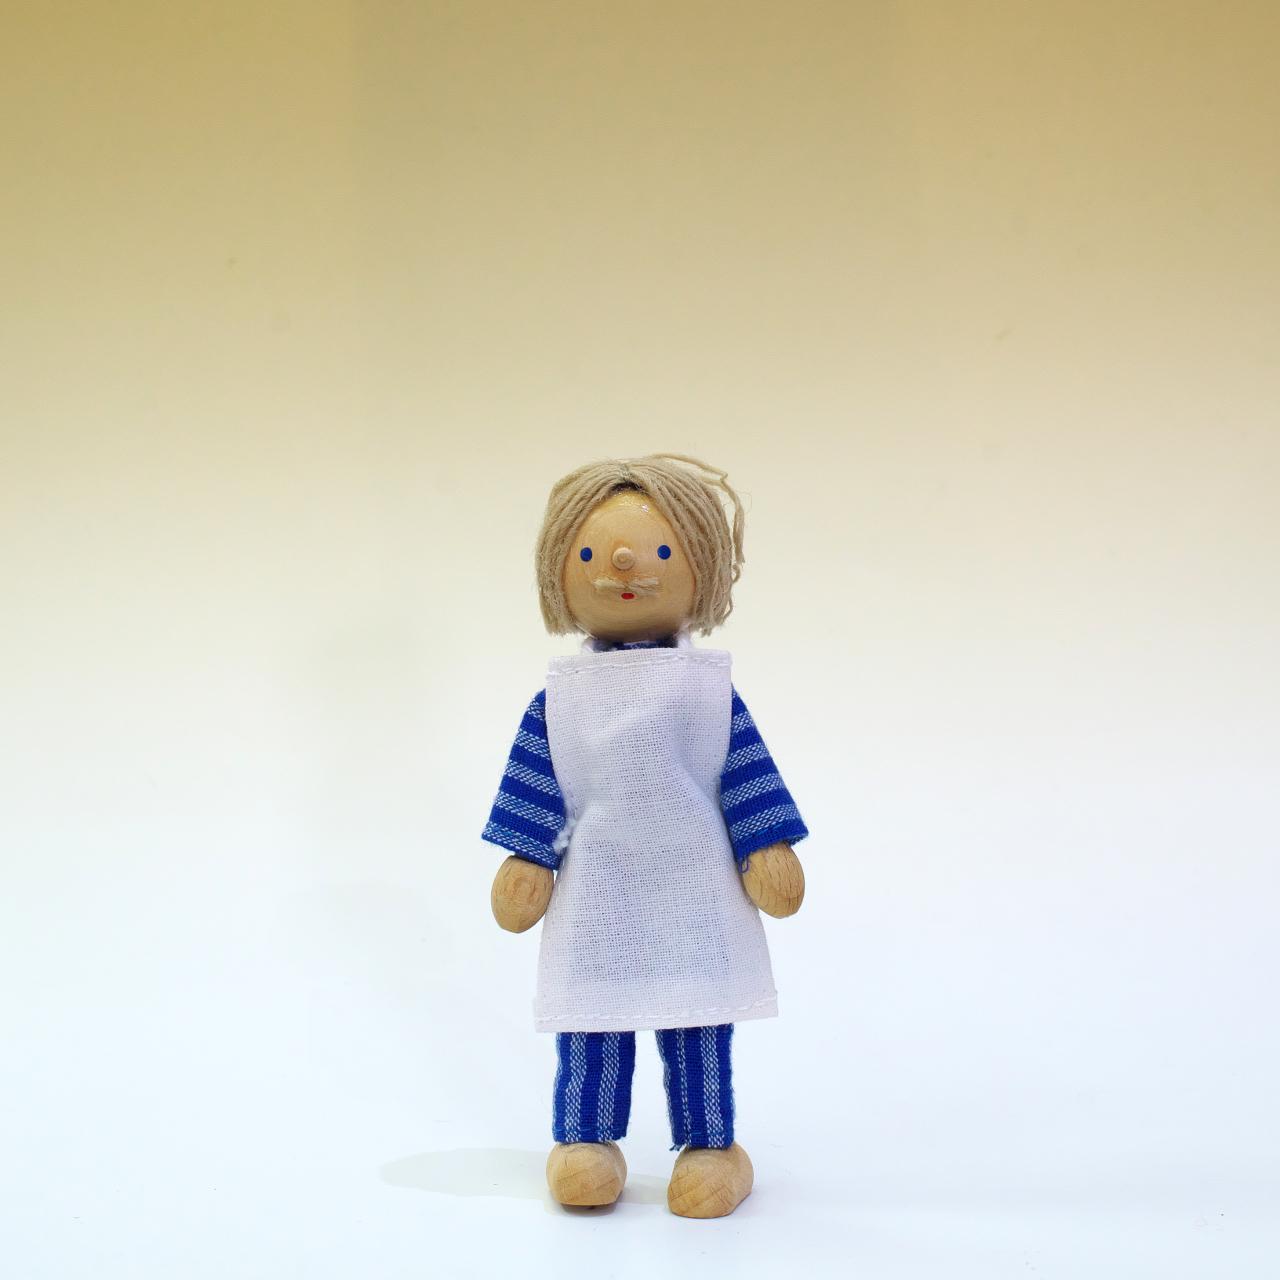 ヘアヴィック製人形 エプロンおじいちゃん